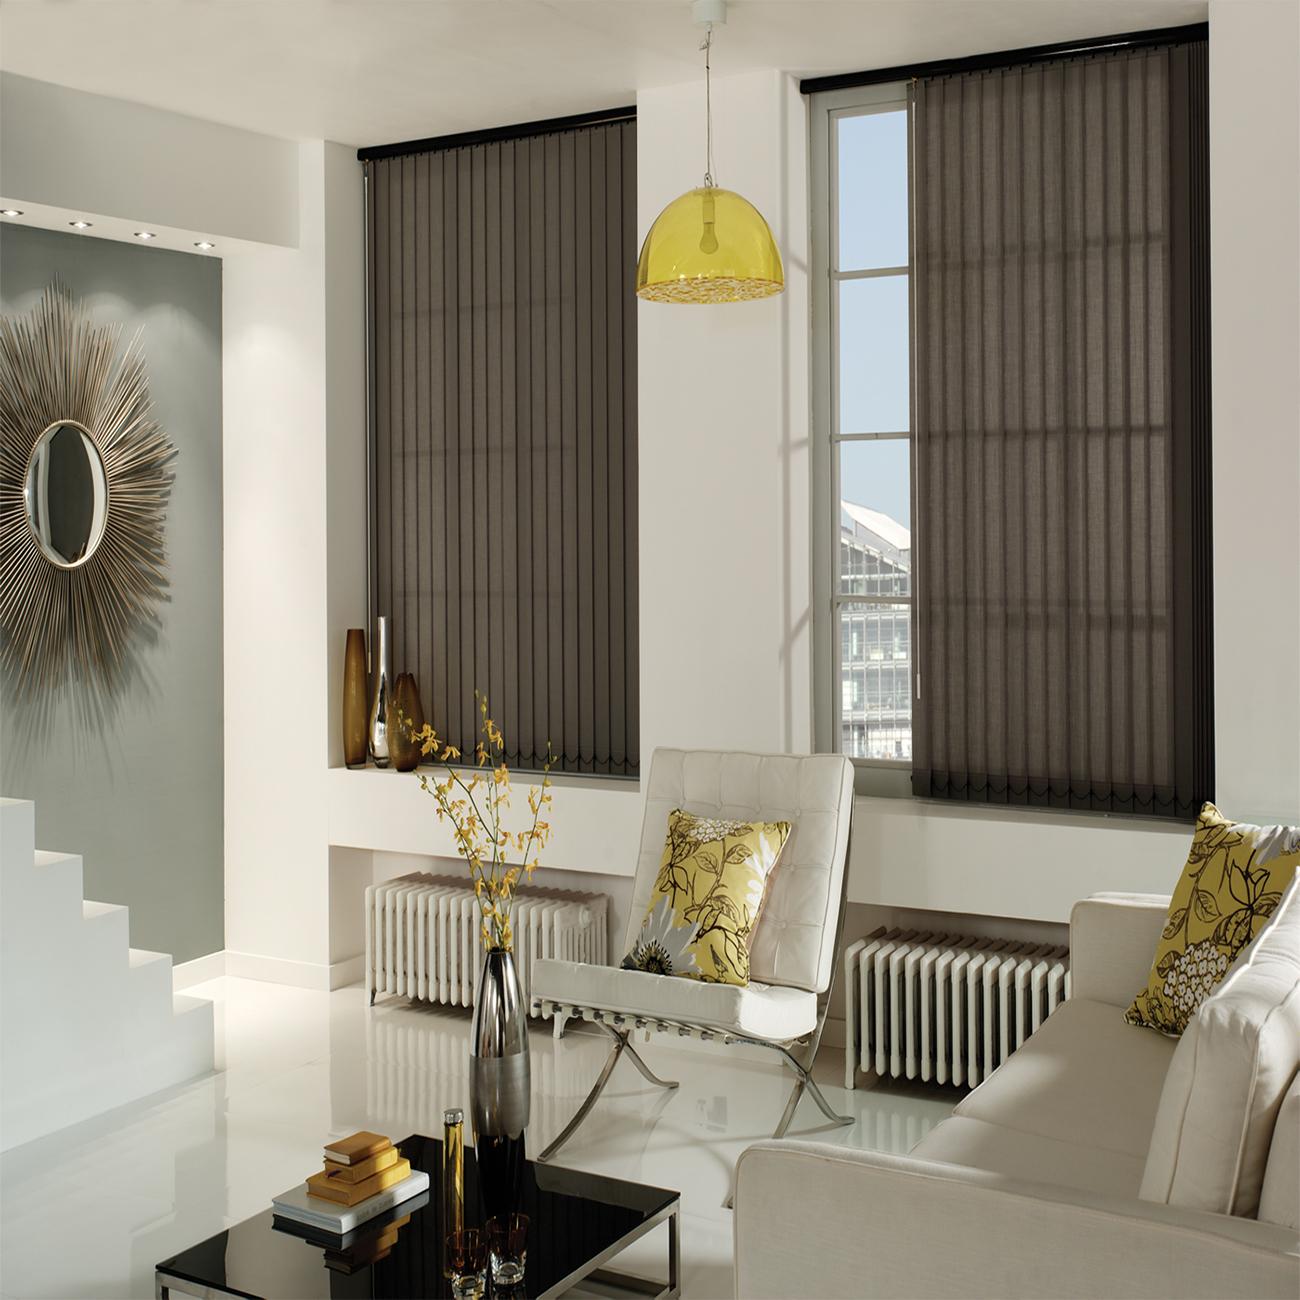 Rèm cửa sổ loại lá dọc cho phòng khách cực kỳ tiện dụng